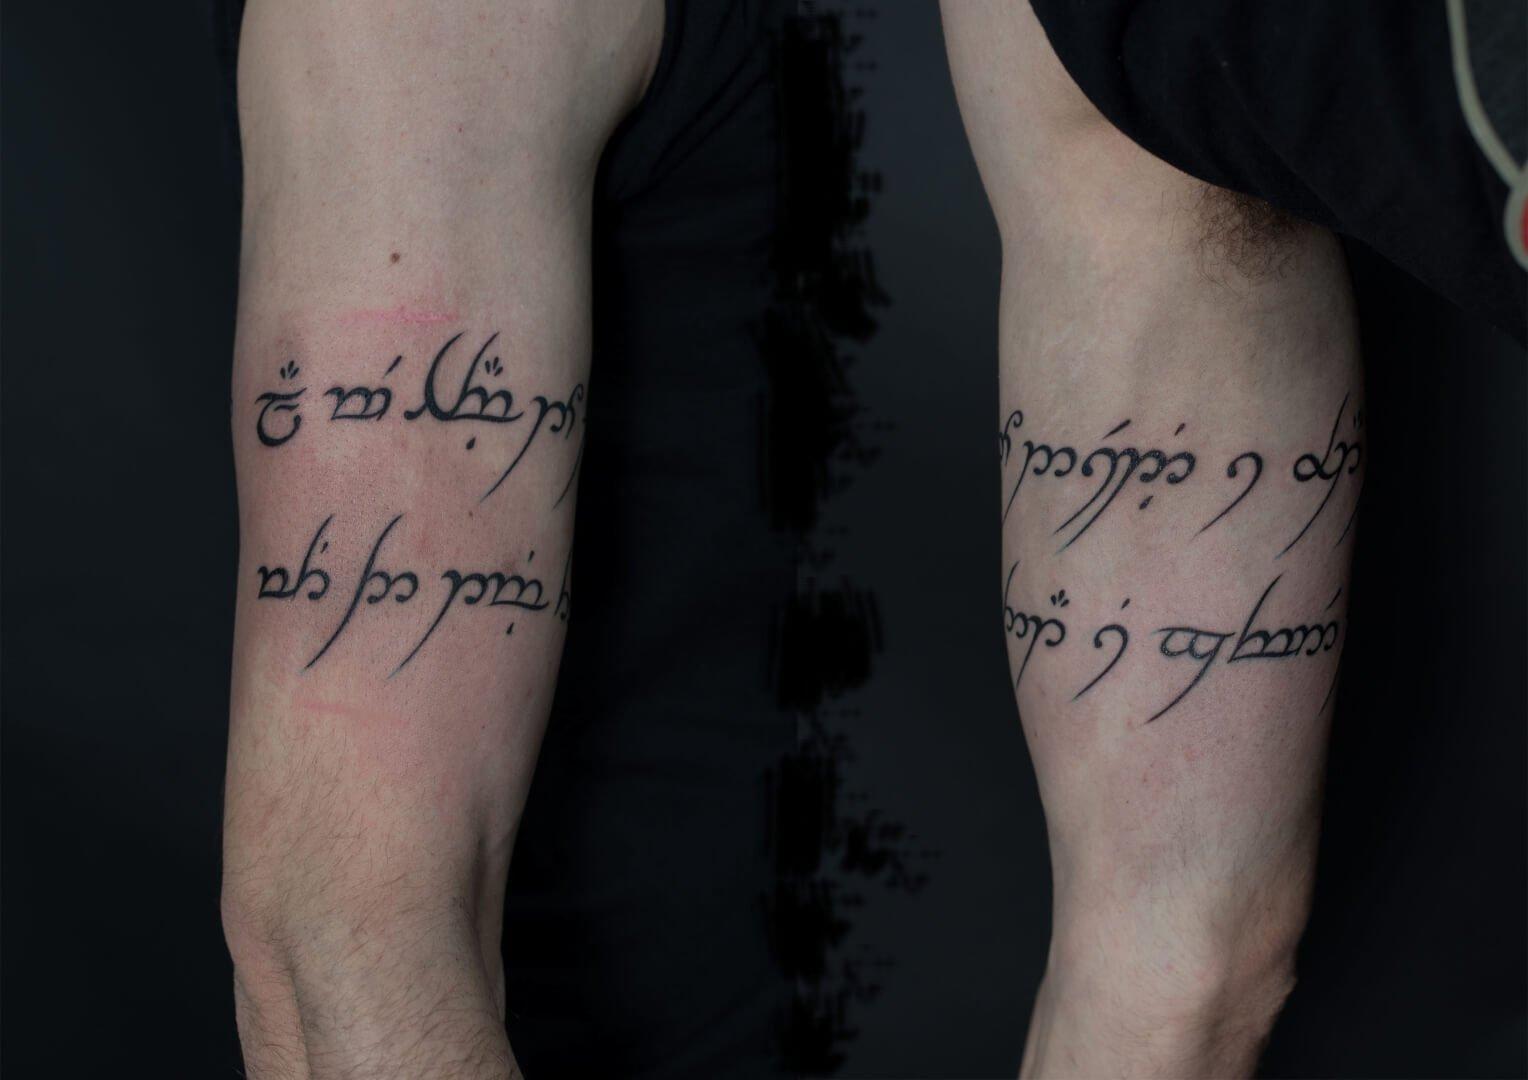 tatouage elfique, tour de bras